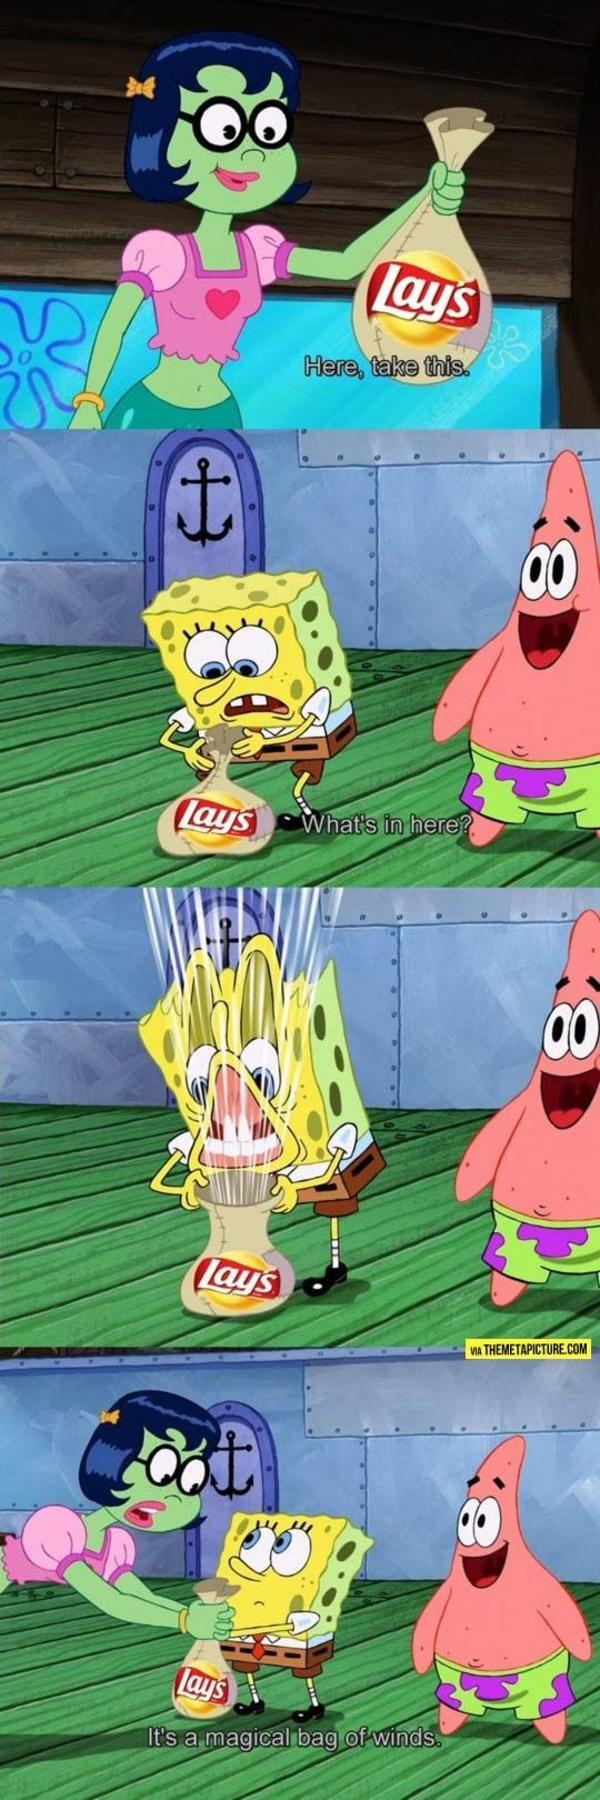 Lays Chips Spongebob Squarepants Know Your Meme